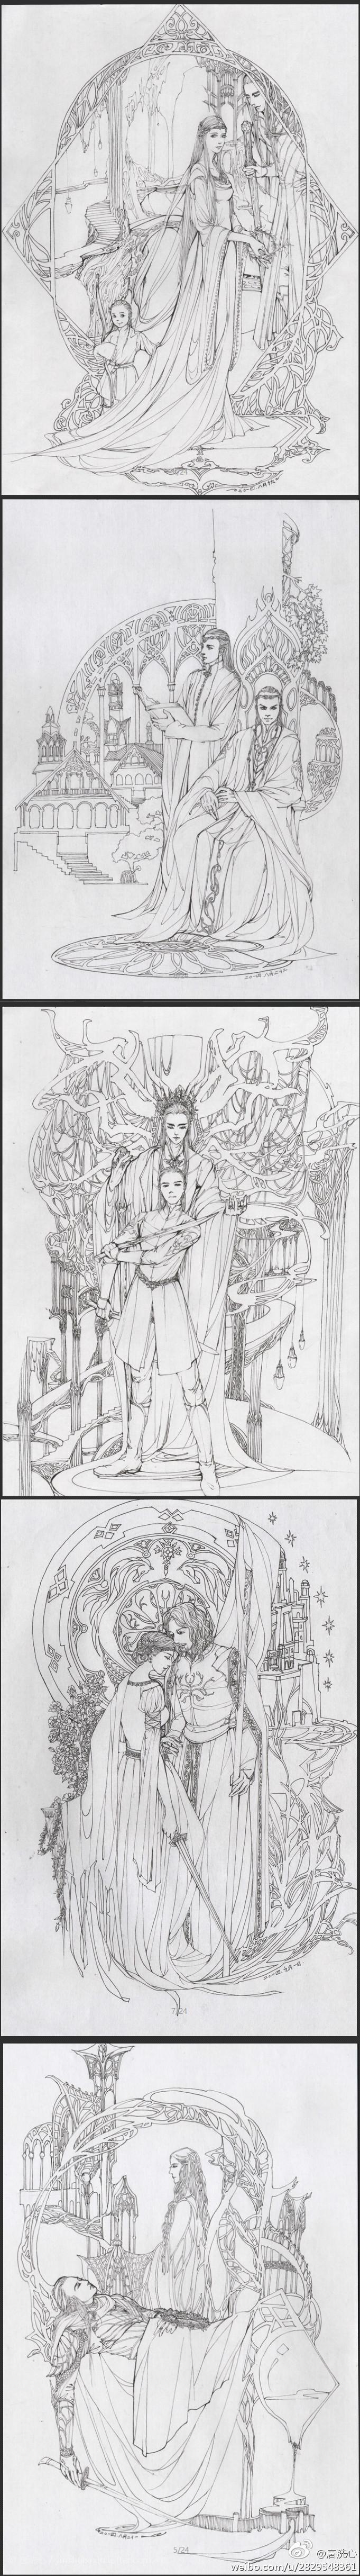 Thranduil y su familia; Elrond y Lundir; Тhranduil y Legolas; Eowyn ...